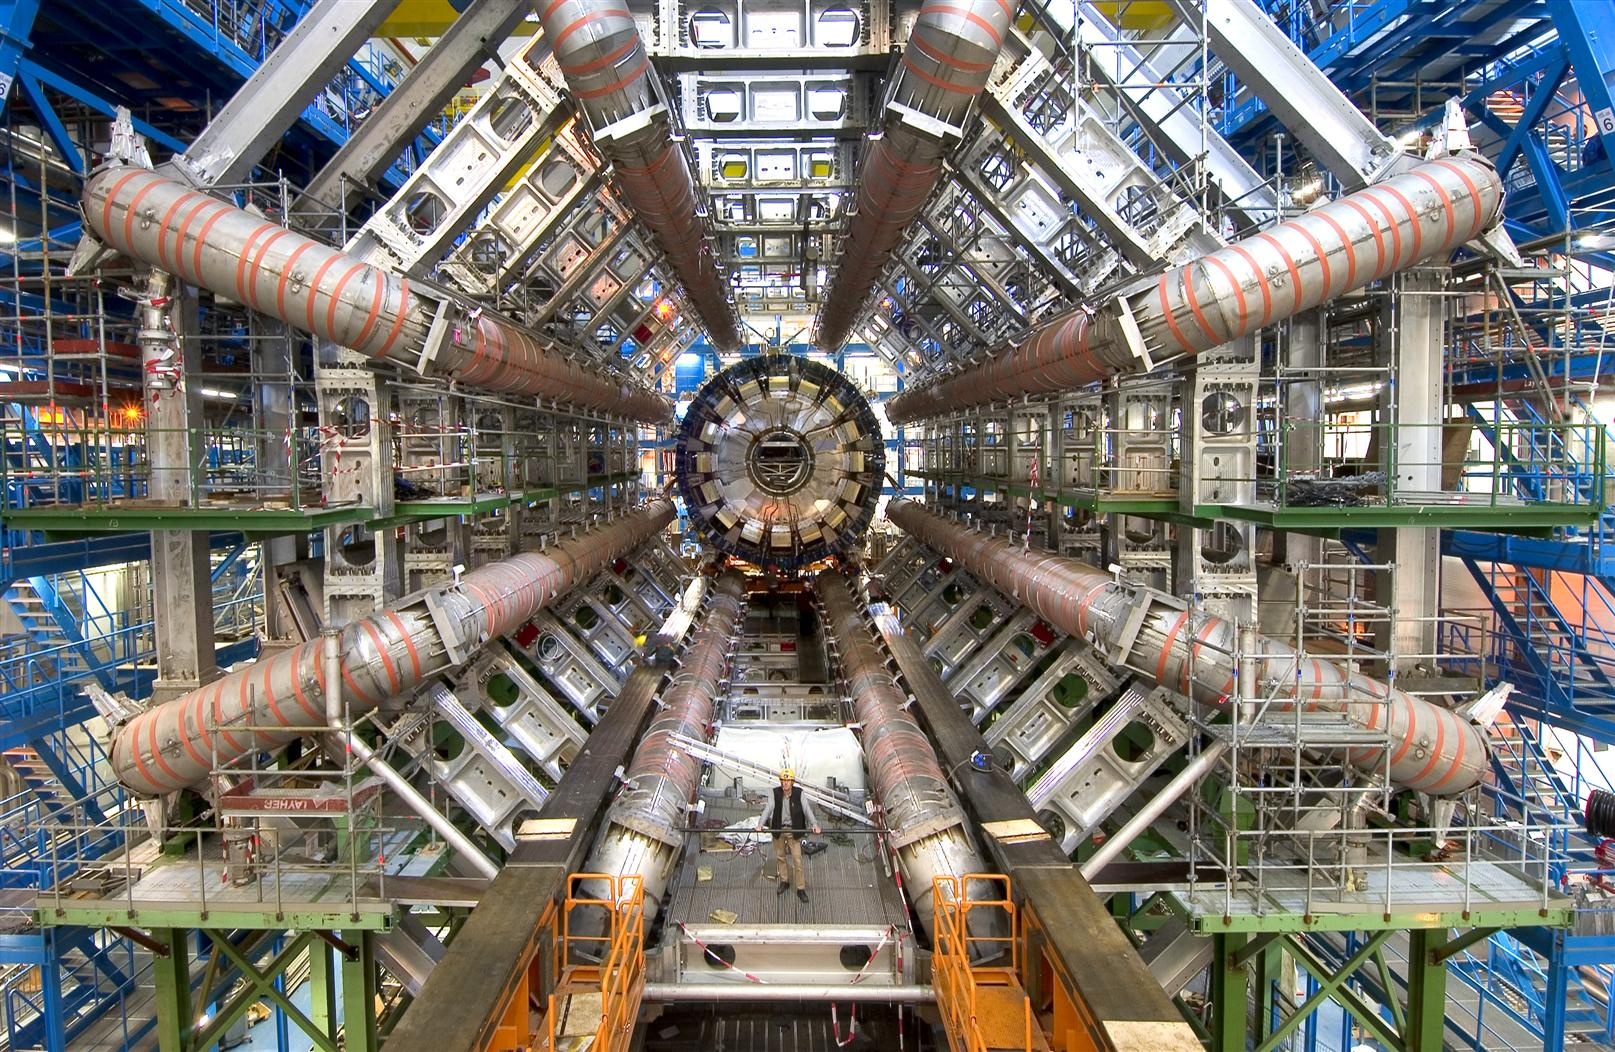 ATLAS ist eins der vier Experimente am Large Hadron Collider LHC am CERN in Genf. Ziel ist die Erforschung der grundlegenden Bausteine der Materie und der fundamentalen Kräfte der Natur, die unser Universum geformt haben.